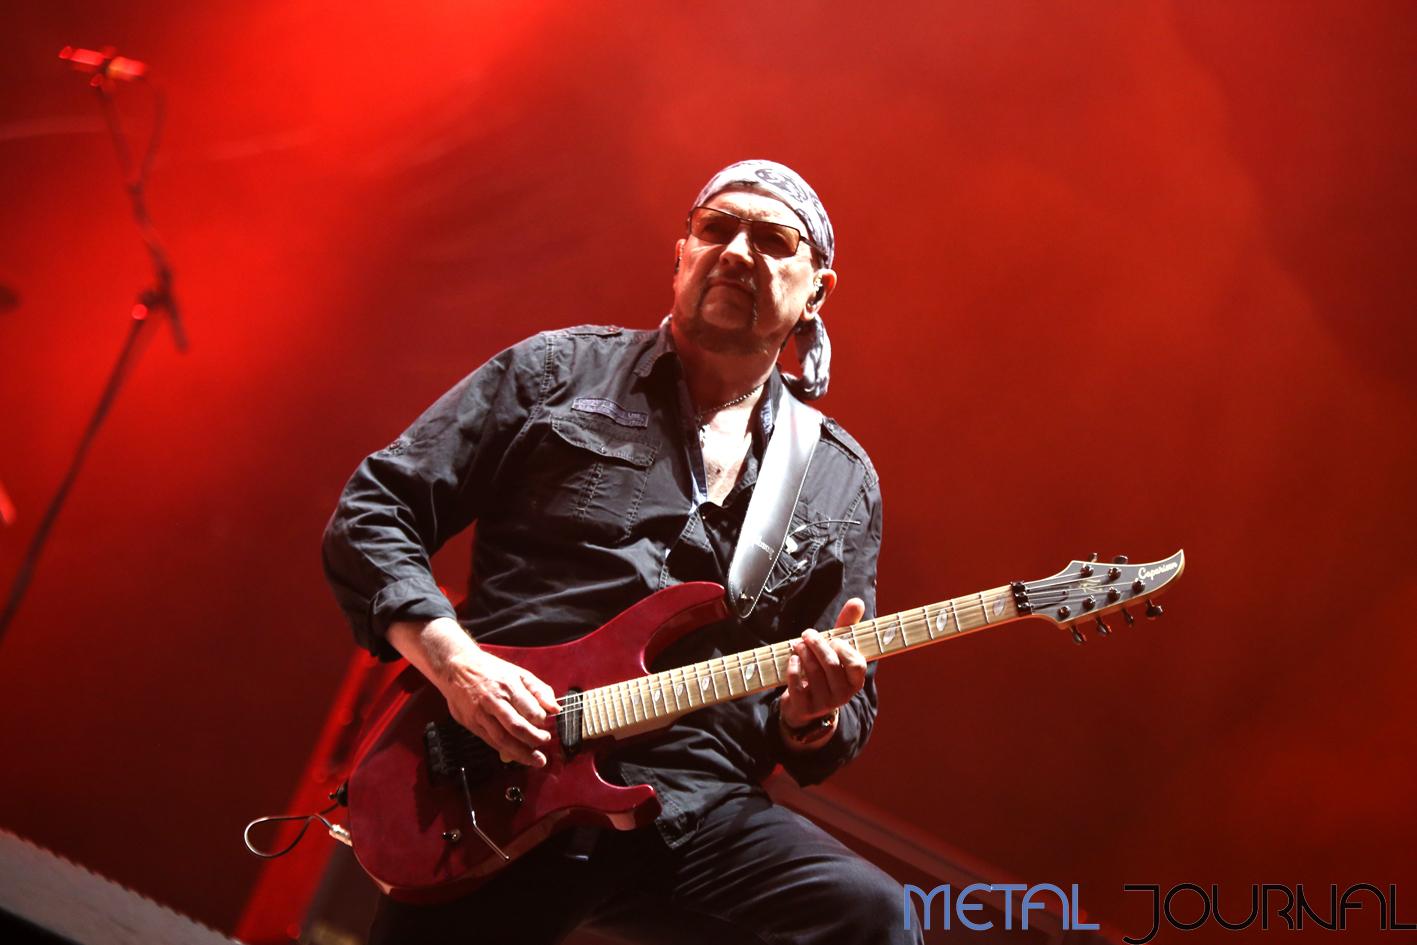 saxon - leyendas del rock 2018 pic 2